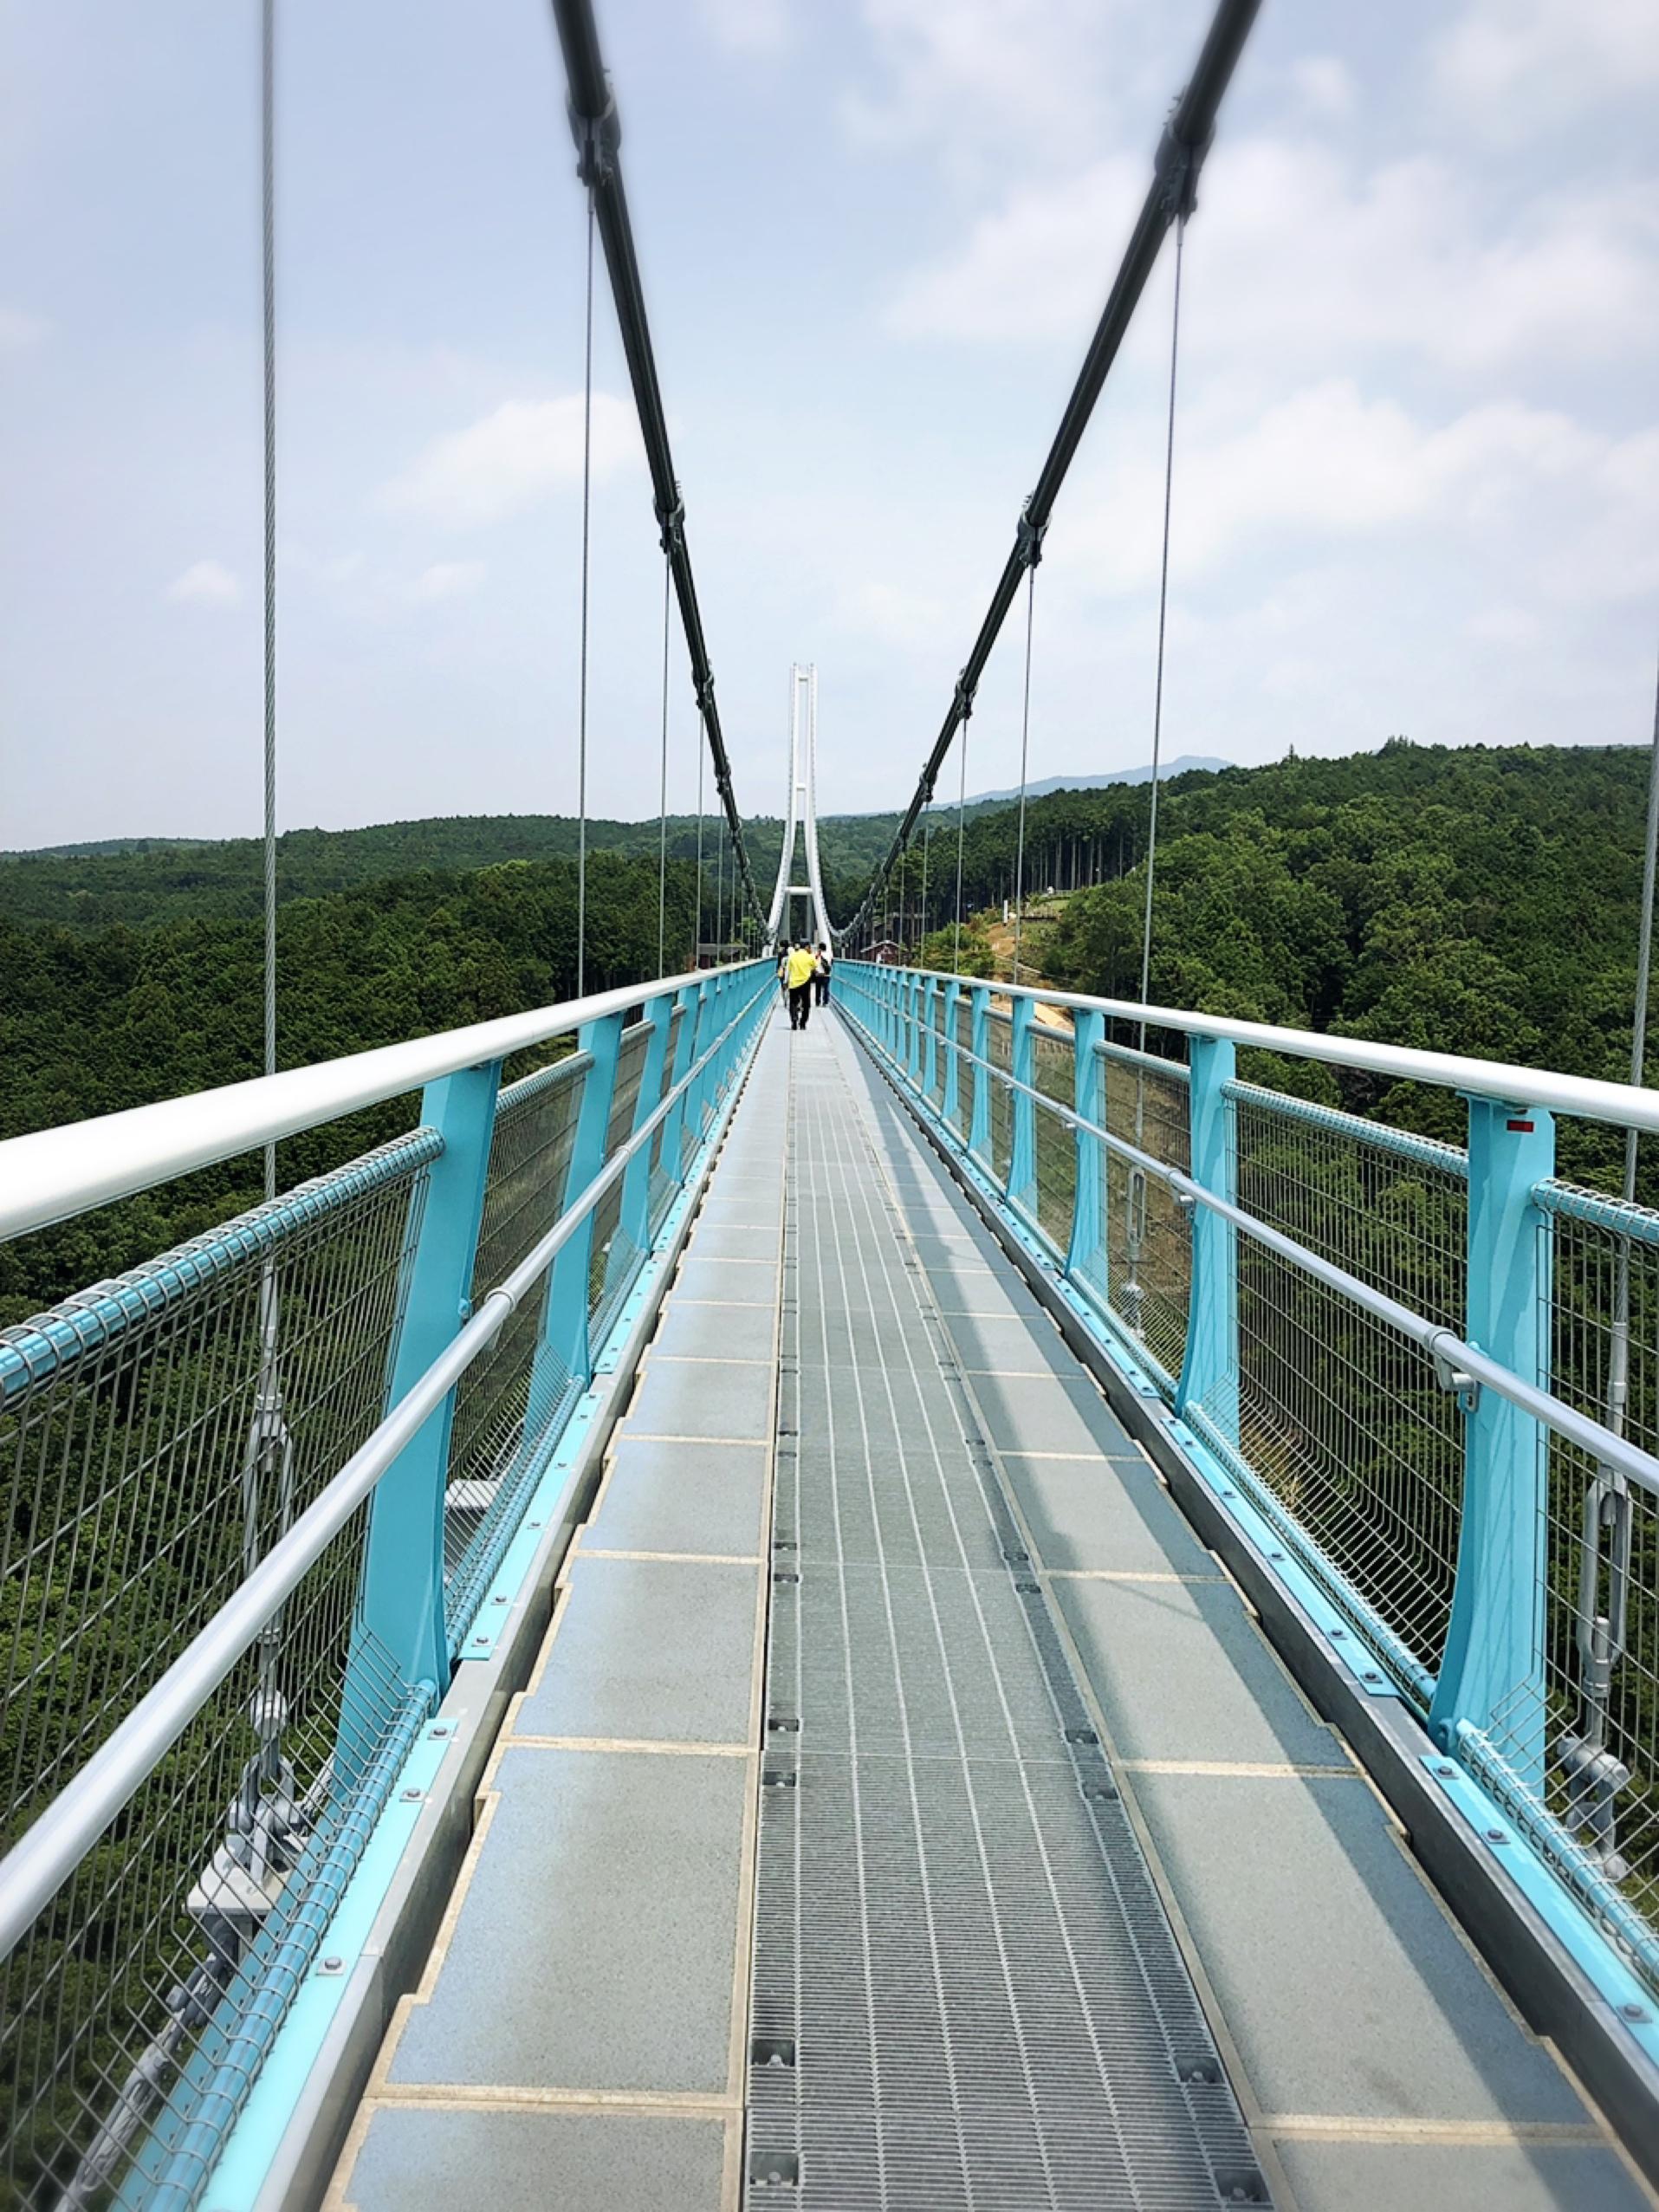 【静岡・三島】箱根のすぐ近く♩日本一長い吊り橋「三島スカイウォーク」に行ってきました!_3